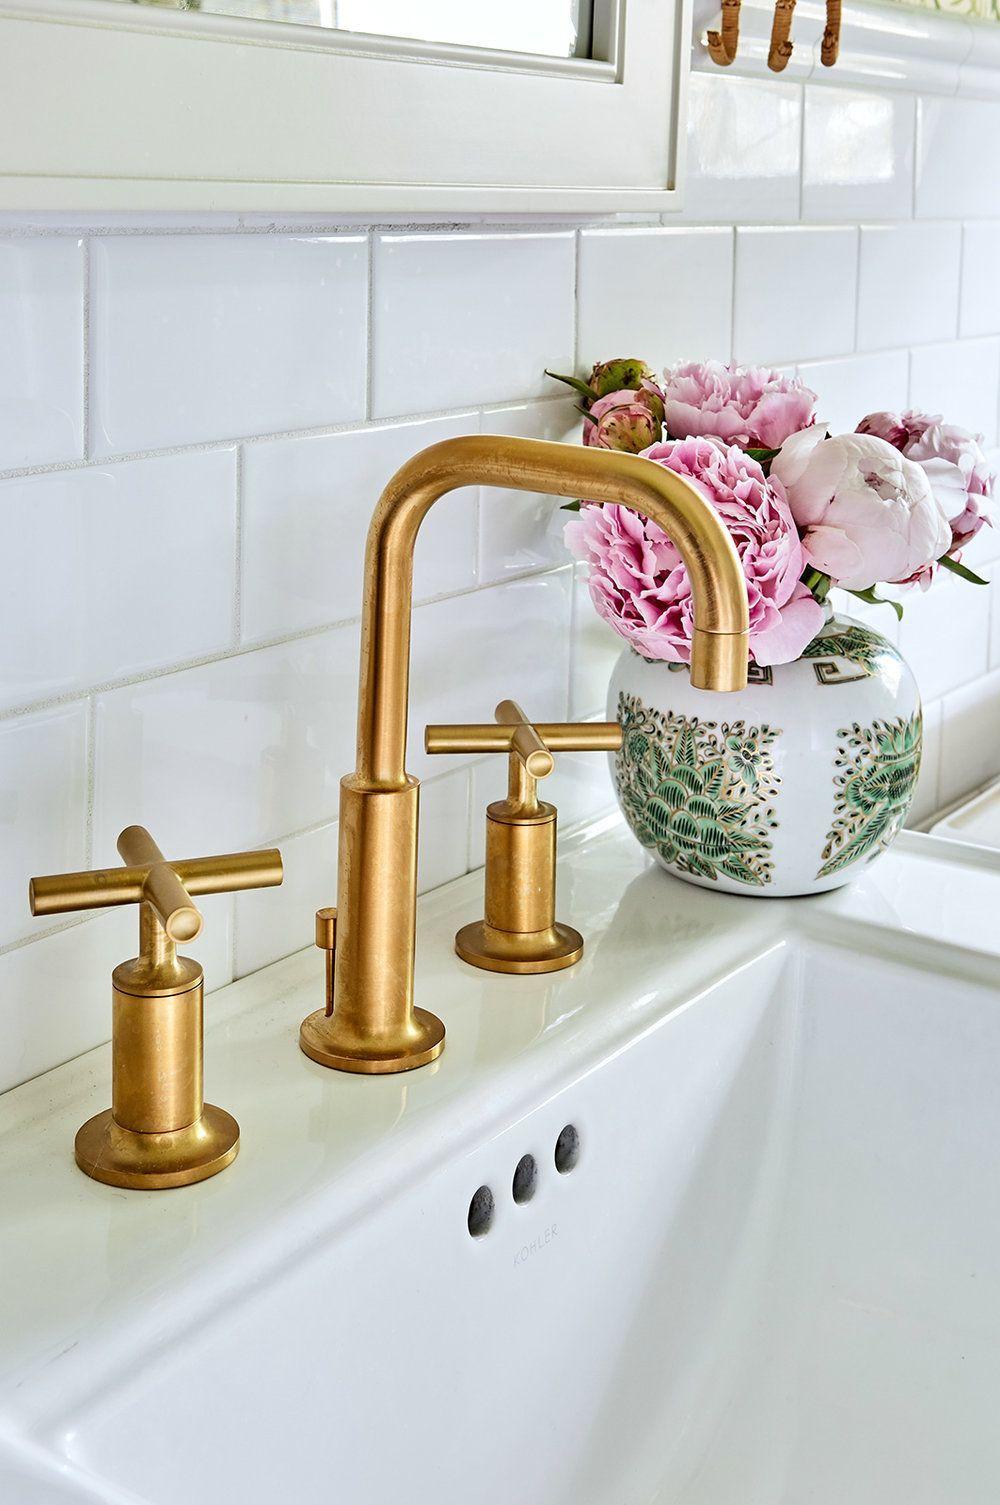 Gorgeous Kohler Purist Moderne Gold Bathroom Fixtures I Knew I